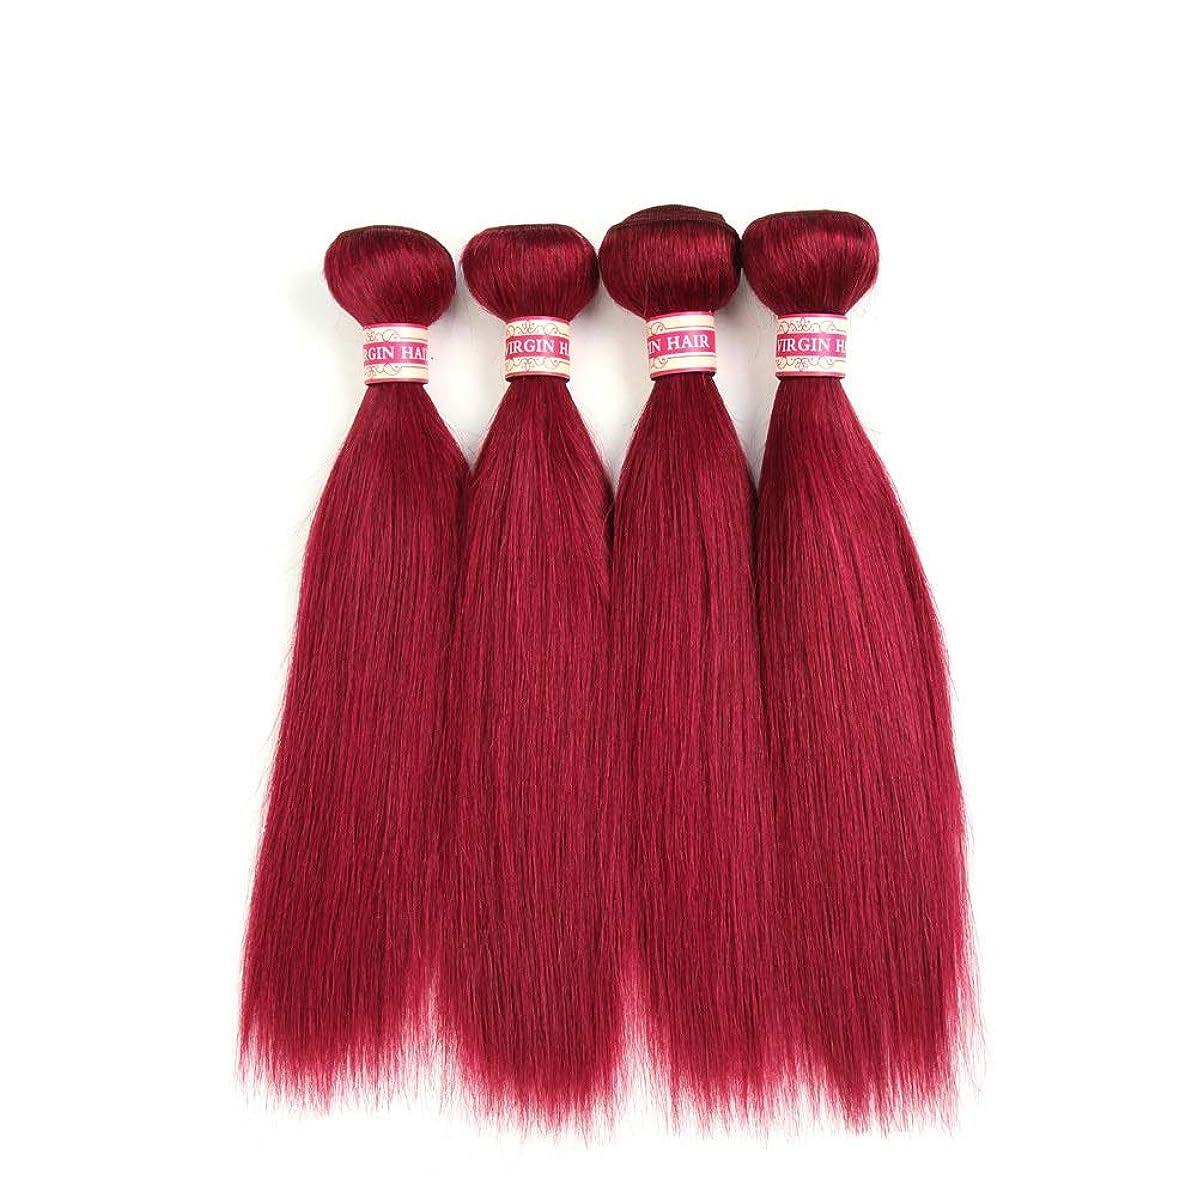 机終わらせるサンダーYrattary ブラジルストレートヘアバンドル未処理の人間の髪の毛の拡張子本物の人間の髪の毛#118ローズレッドカラー(8